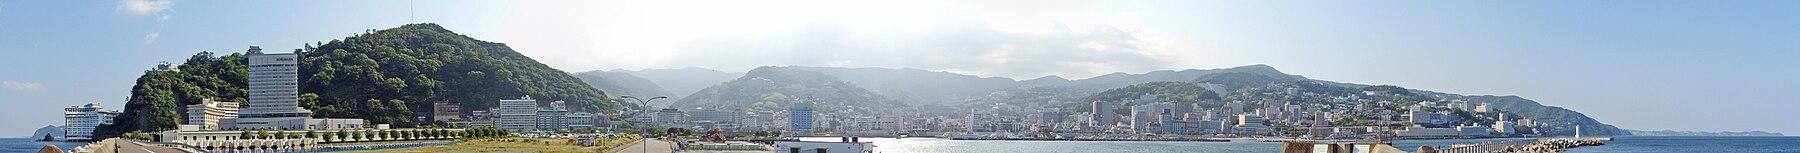 Atami city 20100612.jpg